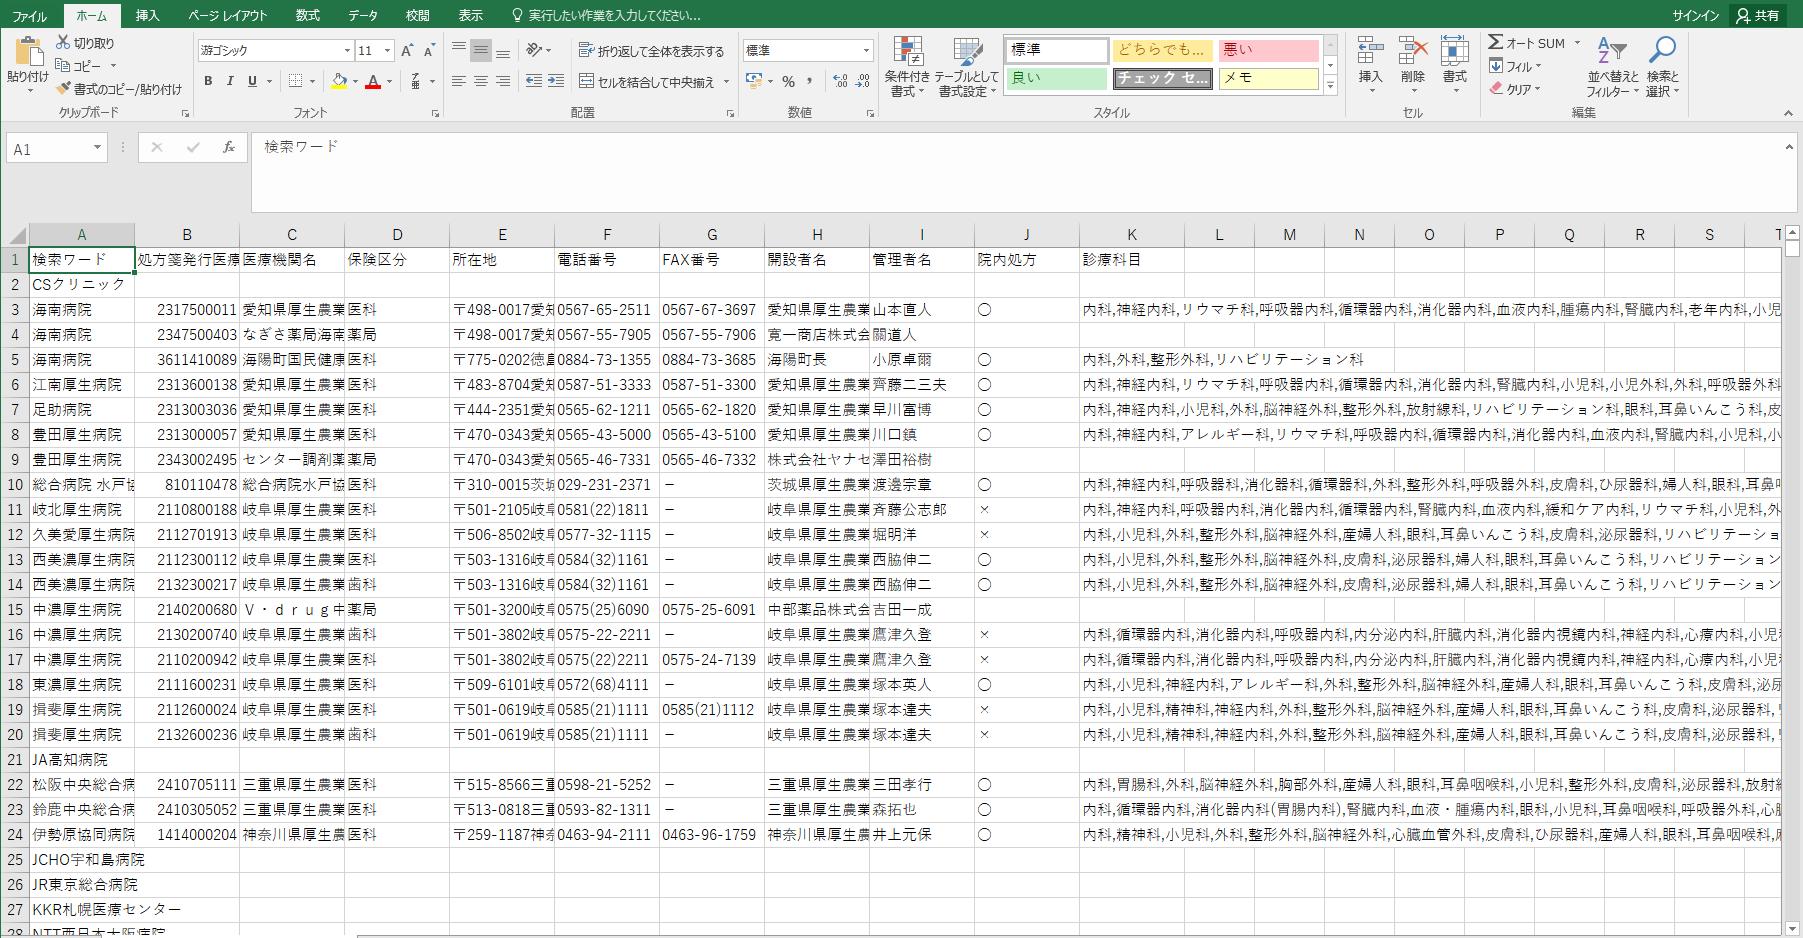 取得データ例